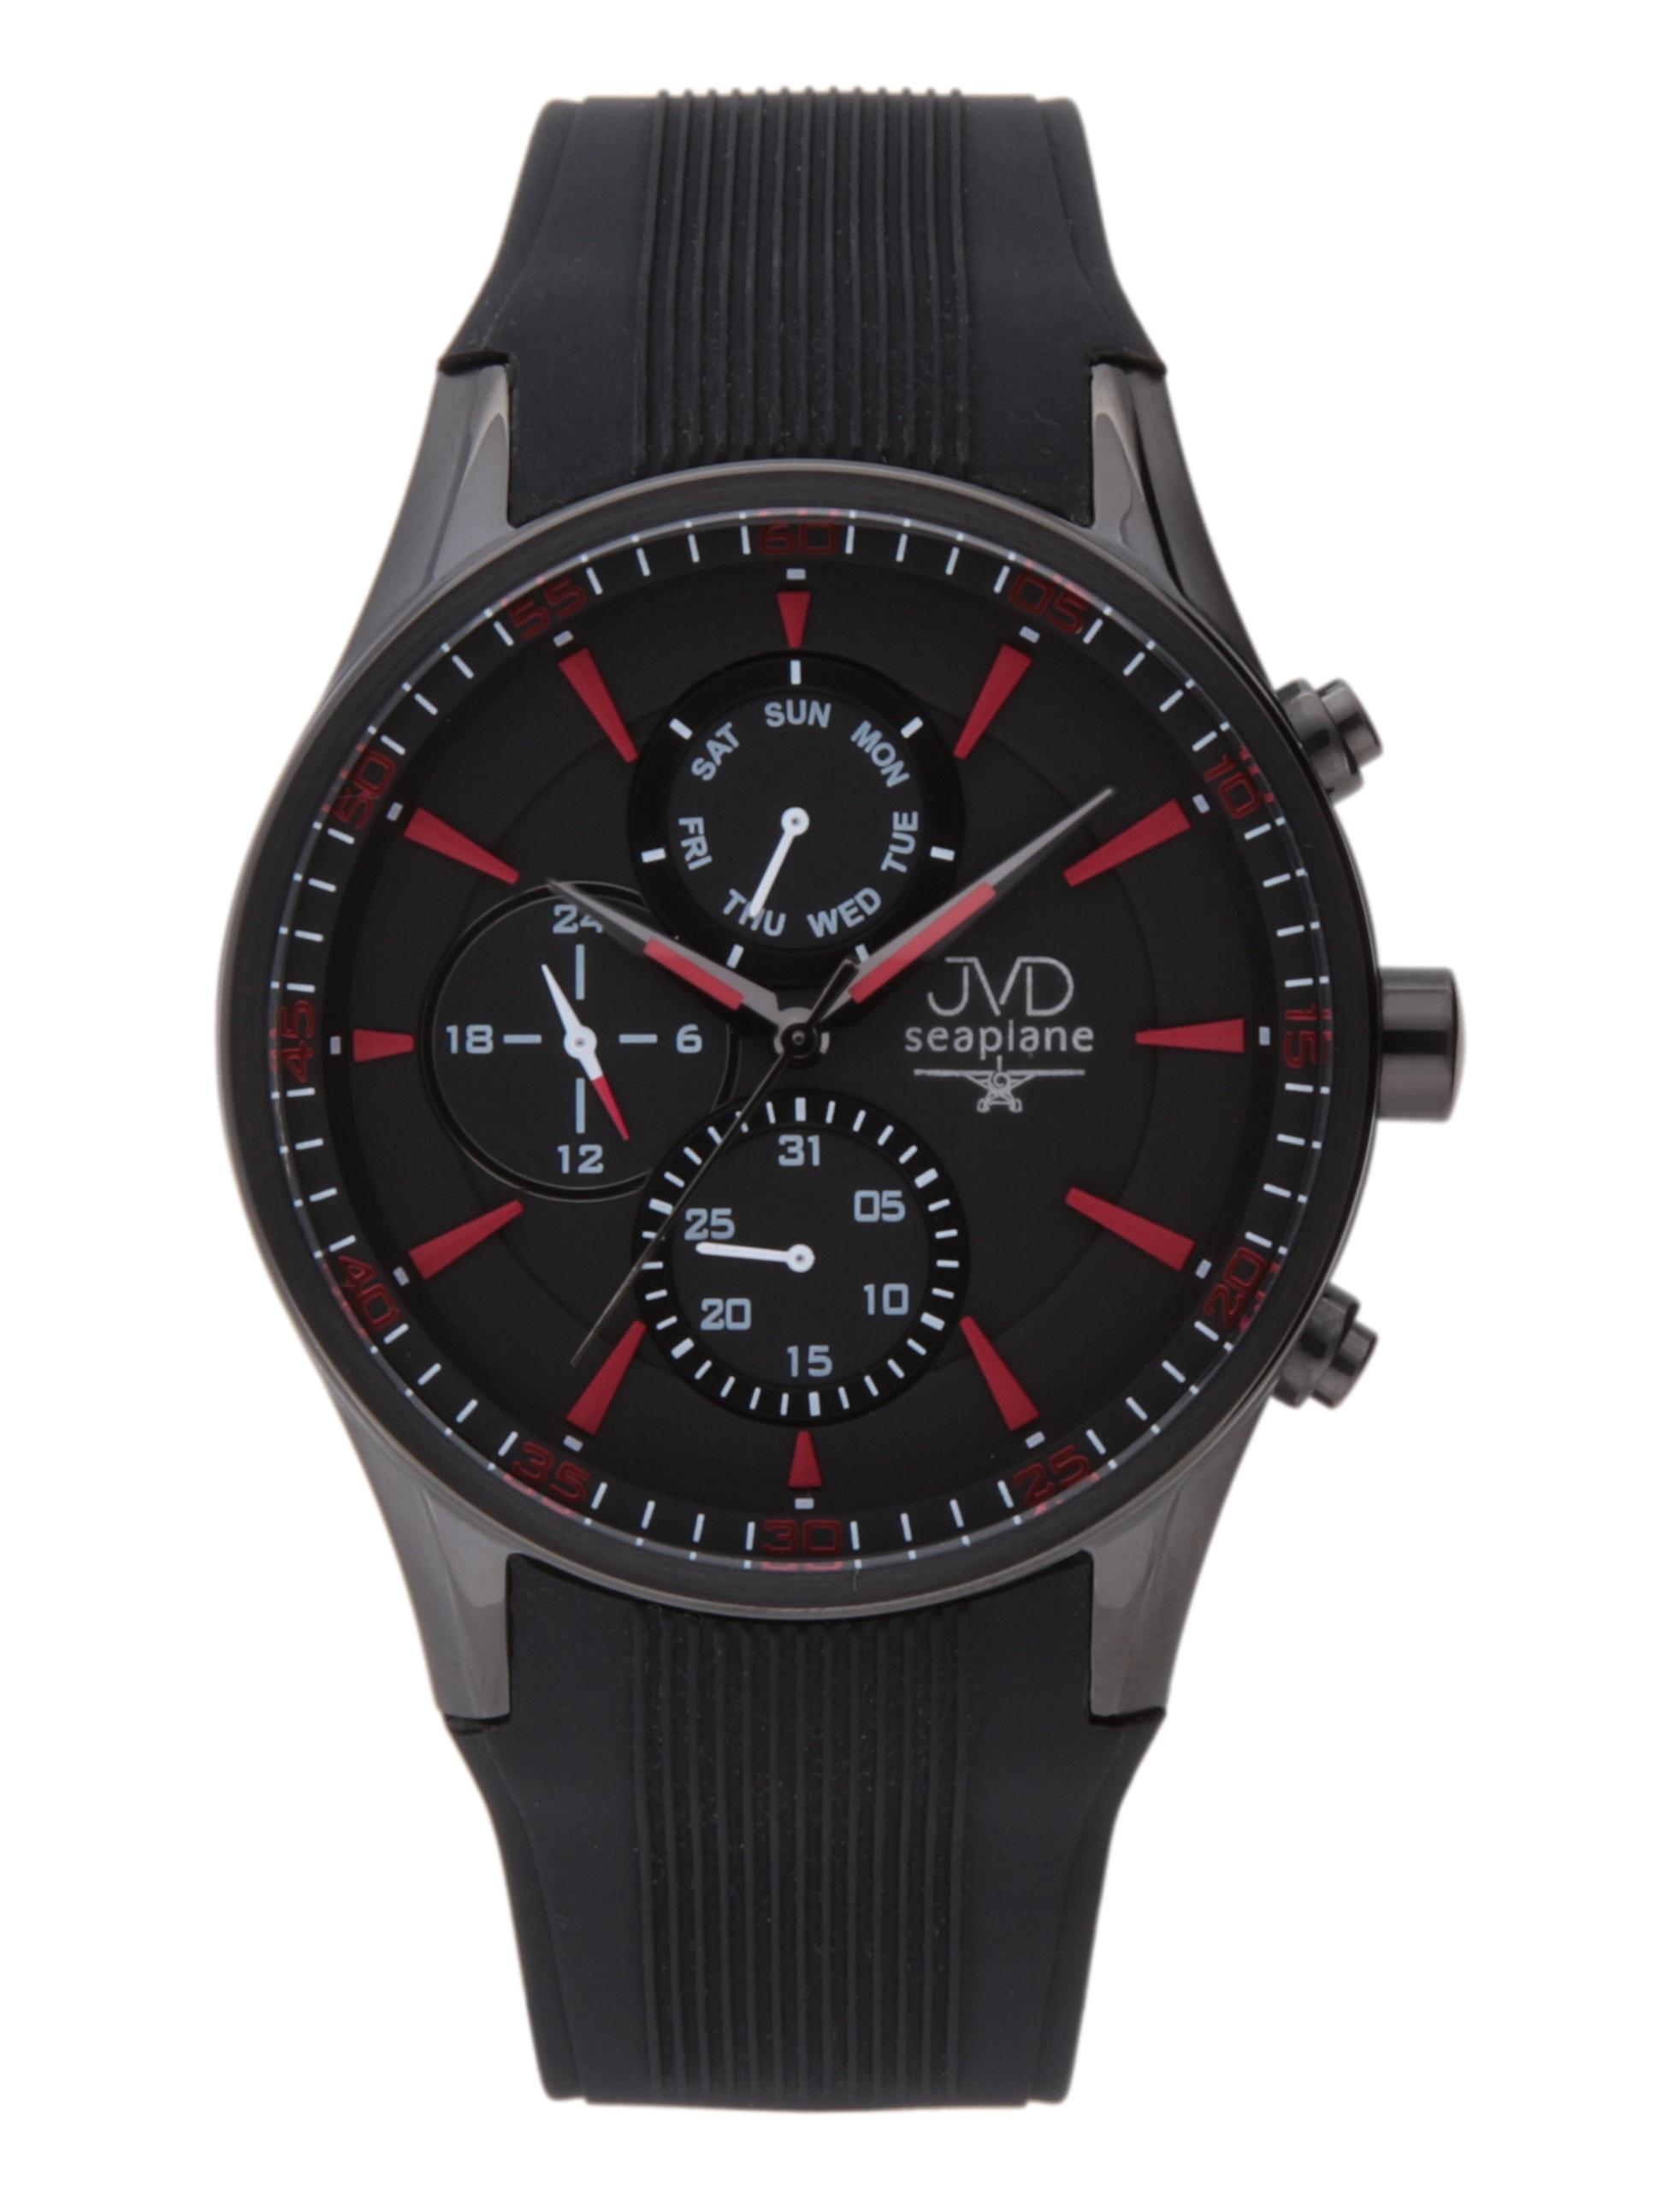 Luxusní černé vodotěsné hodinky JVD seaplane W72.1 - chronograf 10ATM